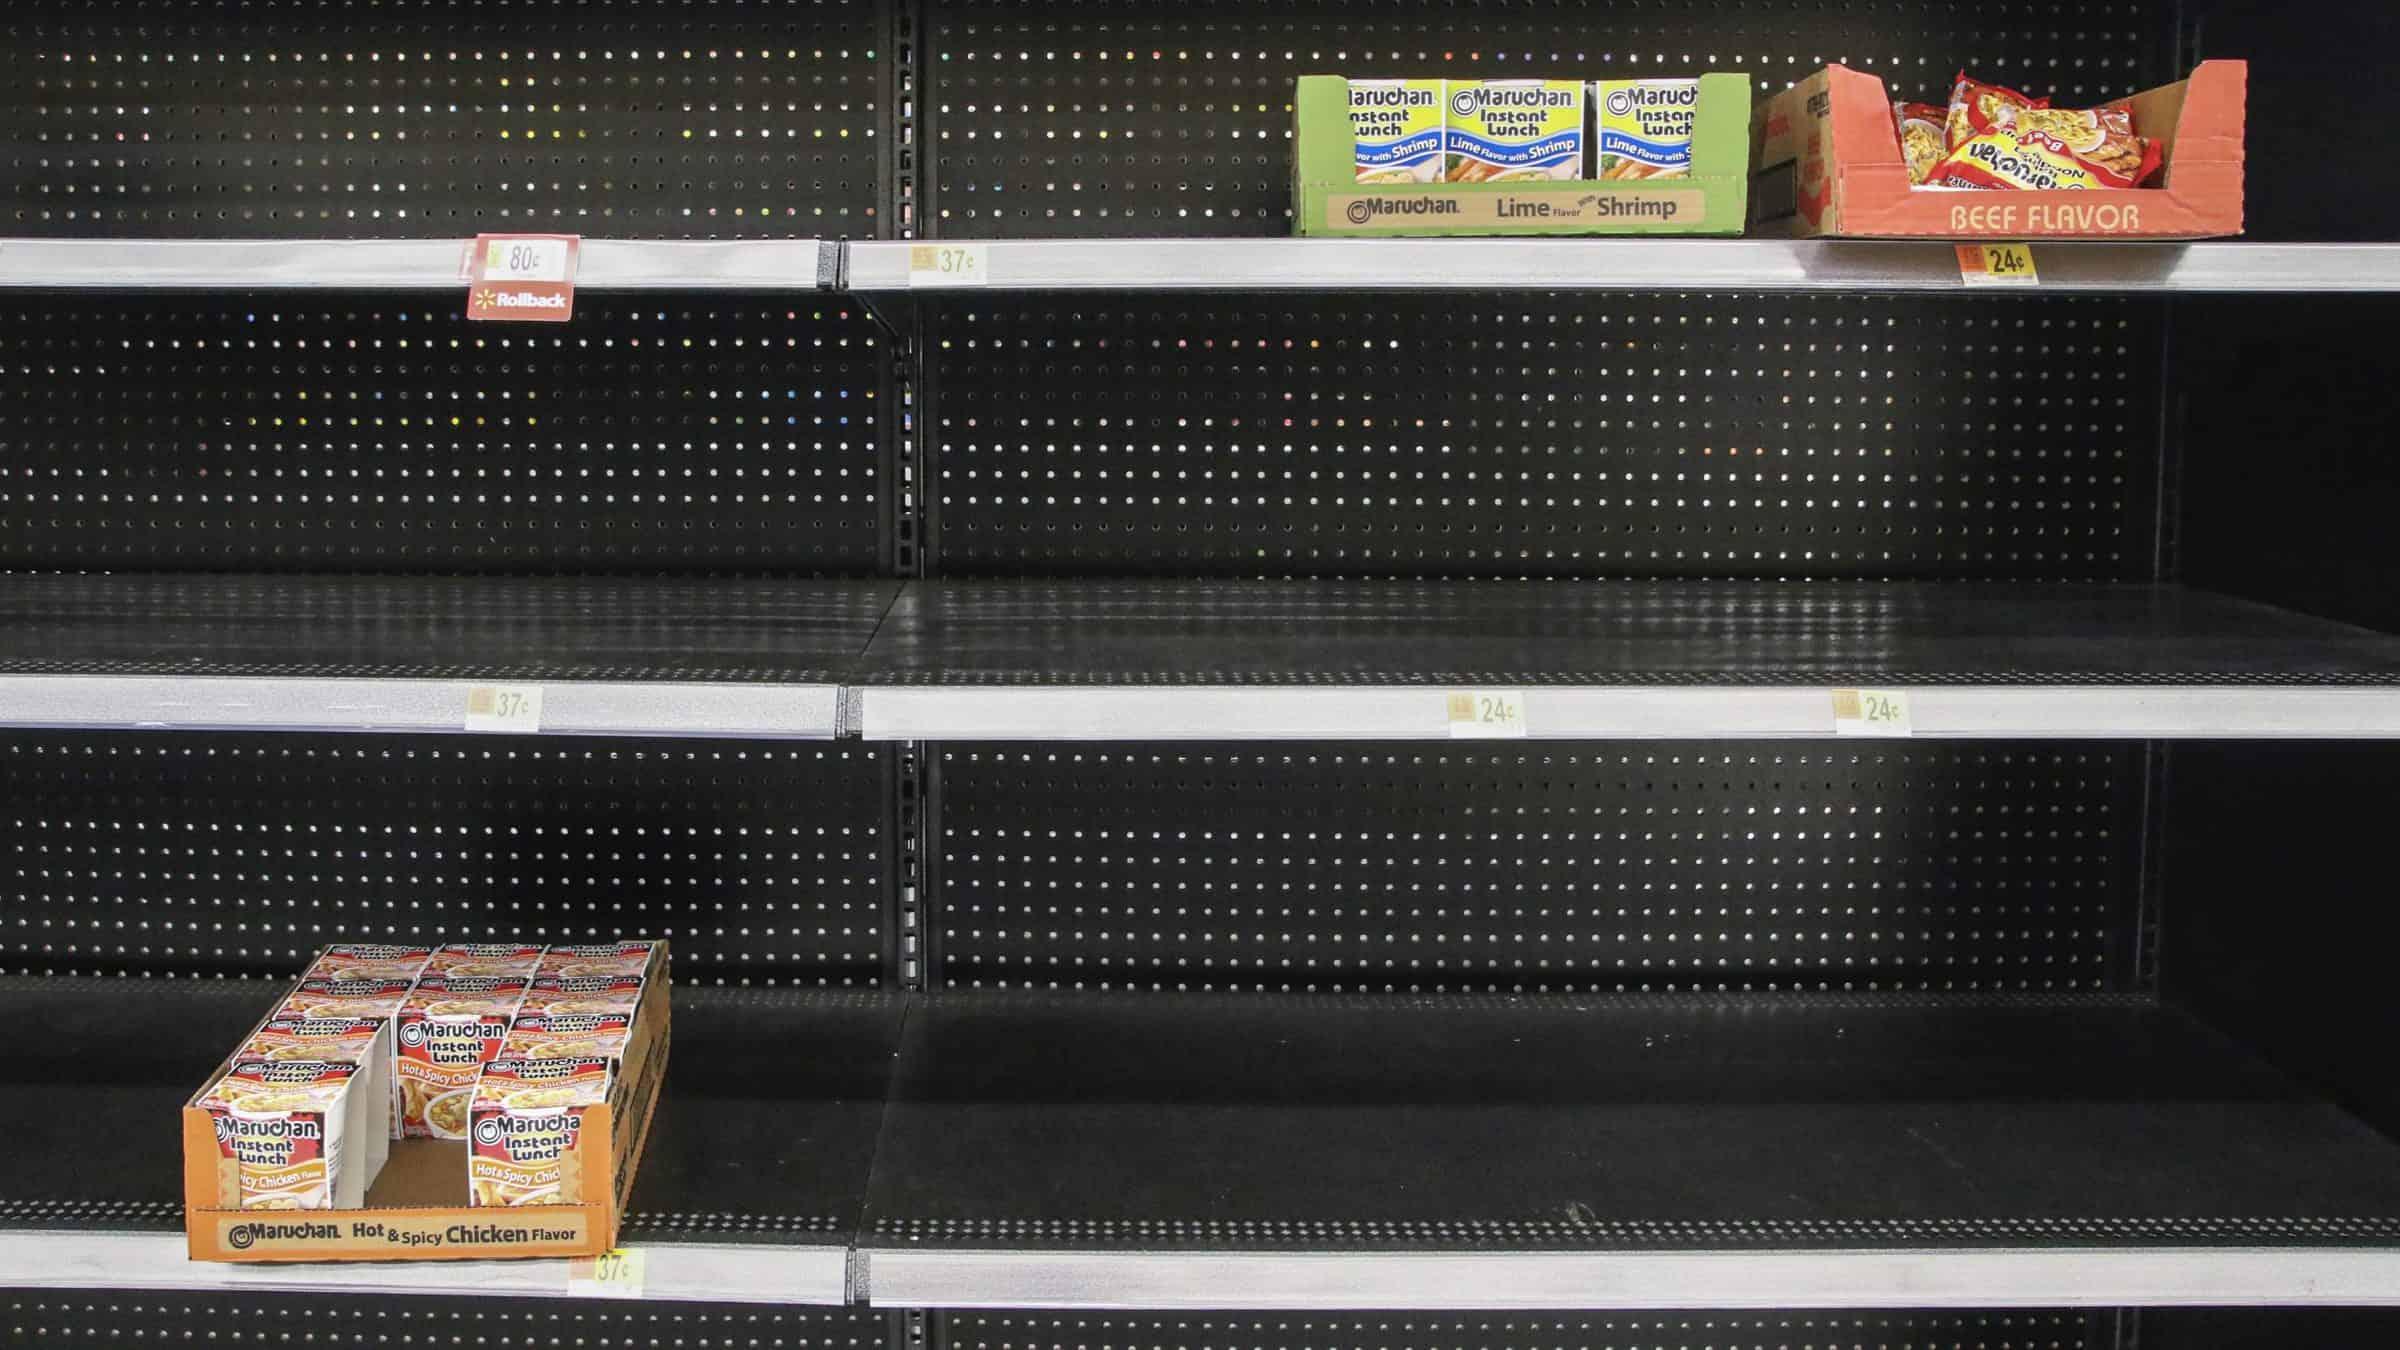 Corona - lege schappen - hamsteren - supermarkt